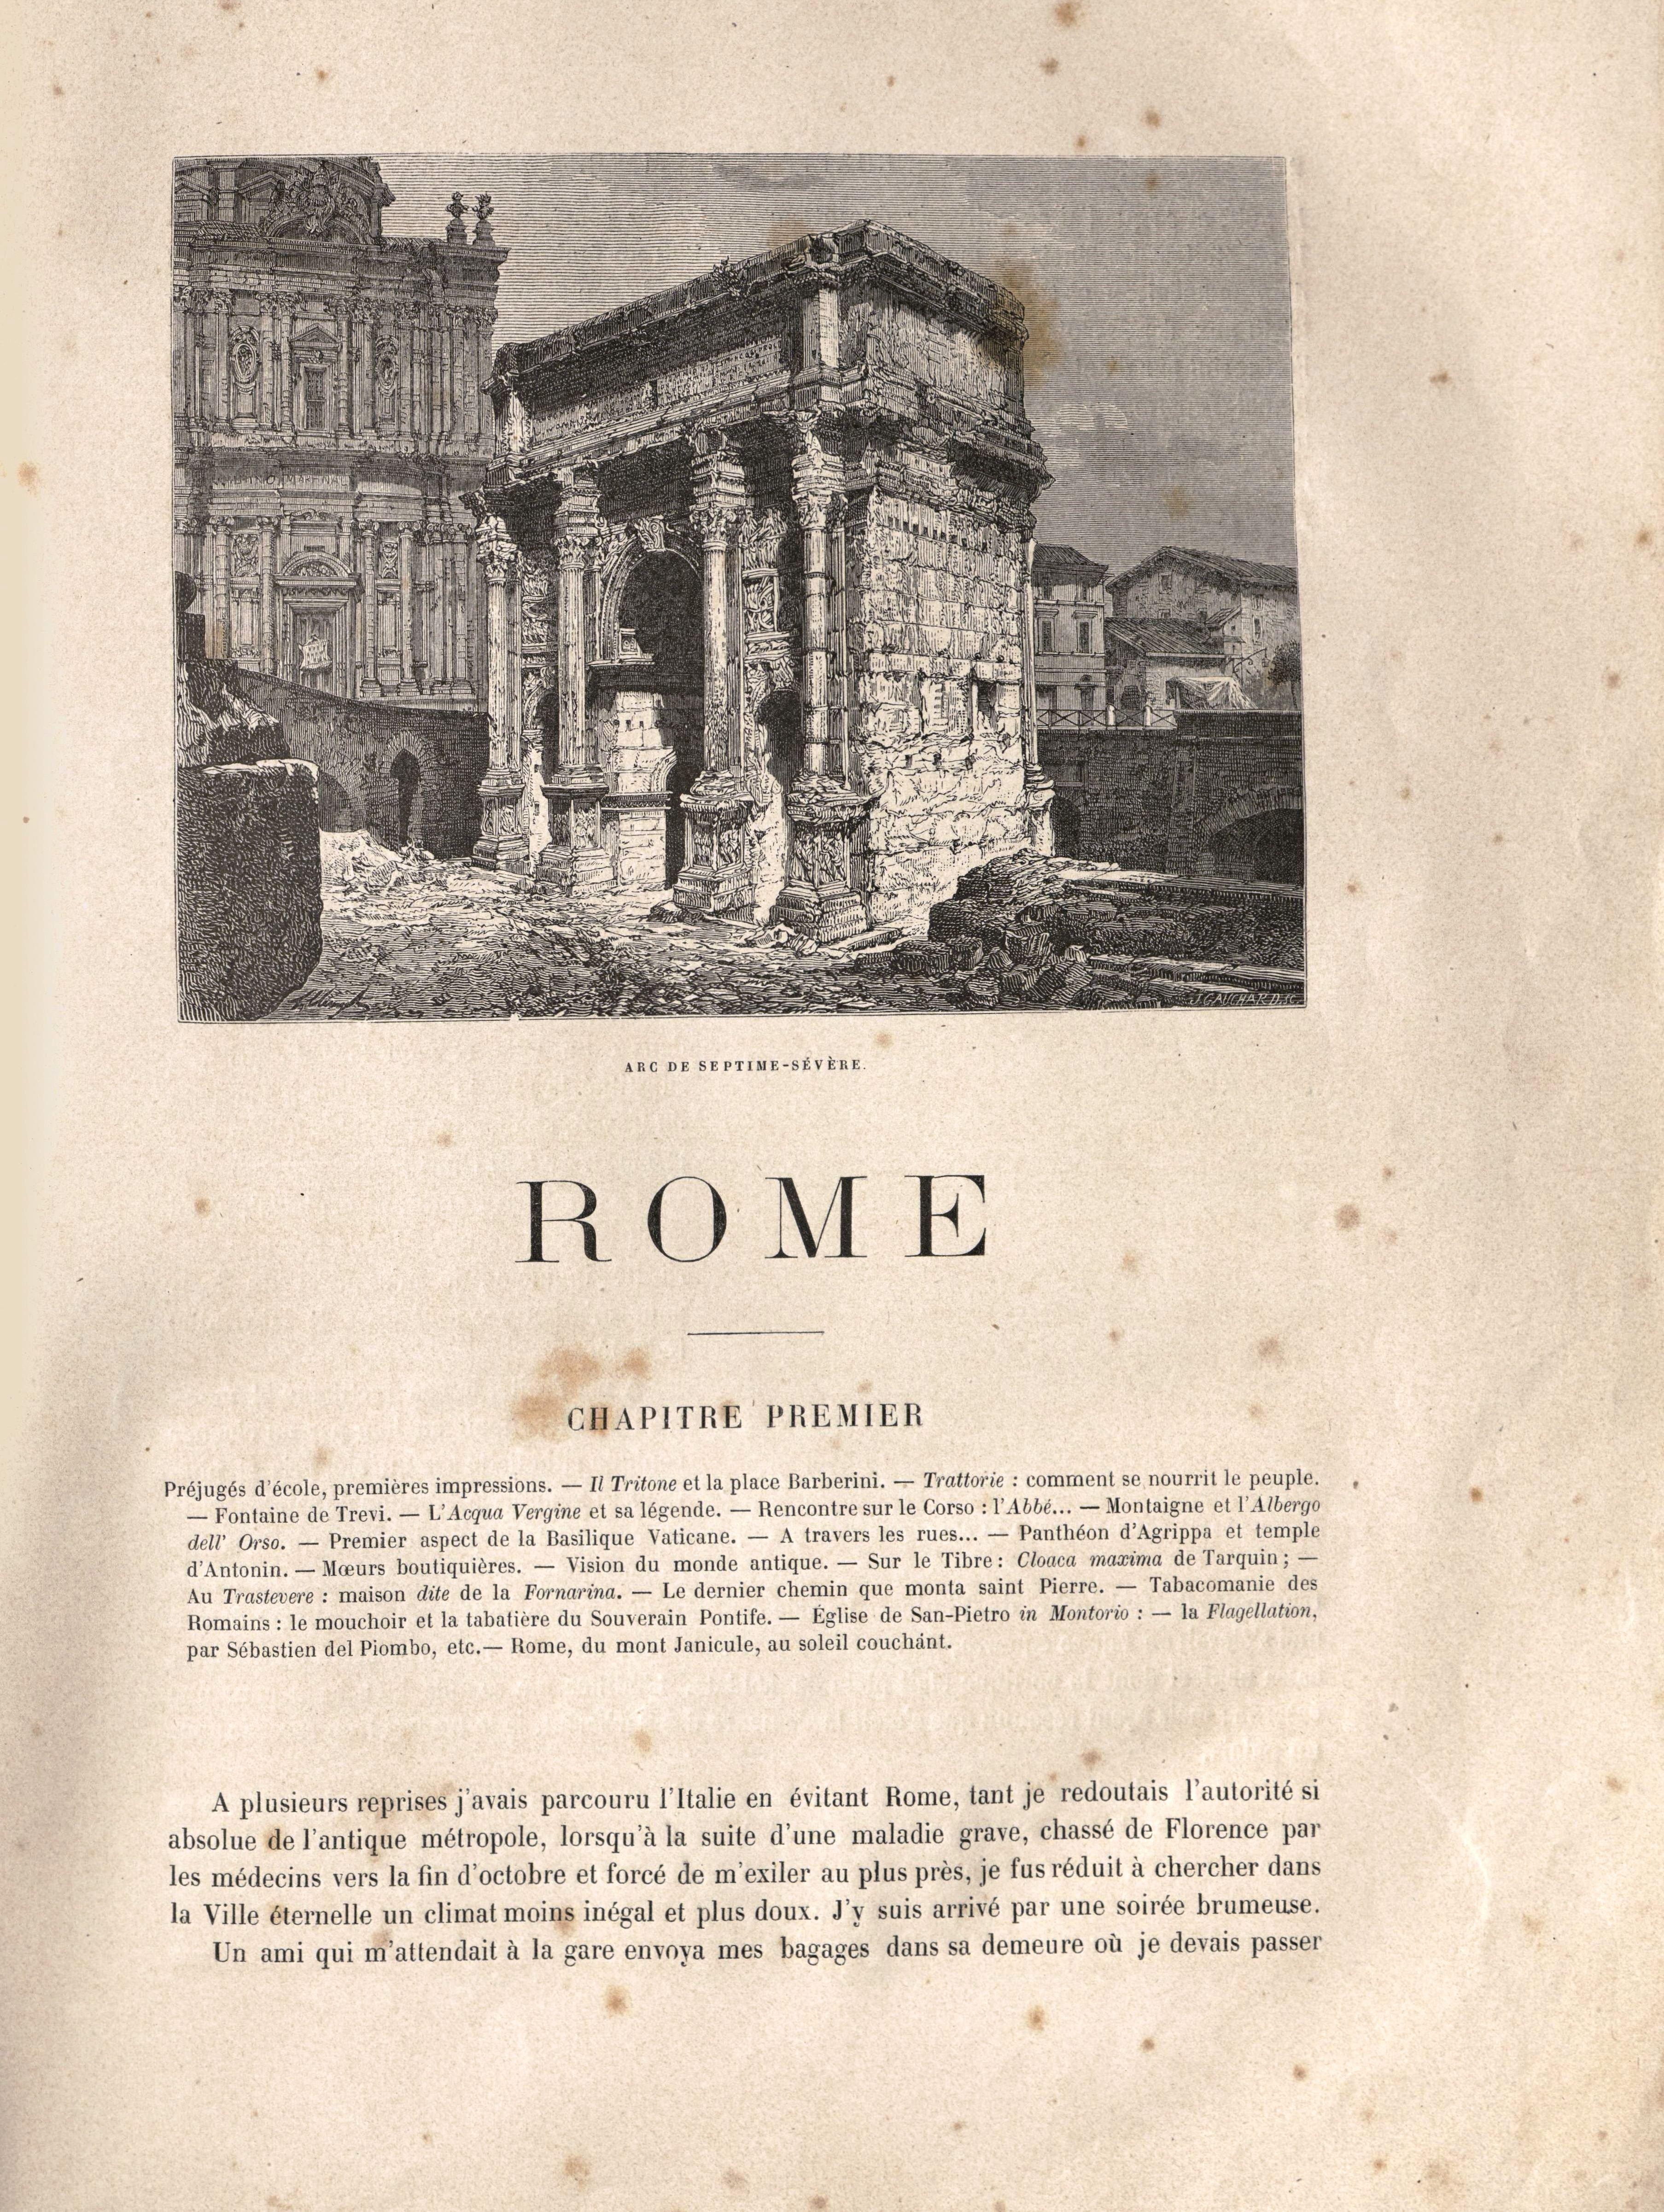 Capítulo primero, adornado con el arco de Septimio Severo.